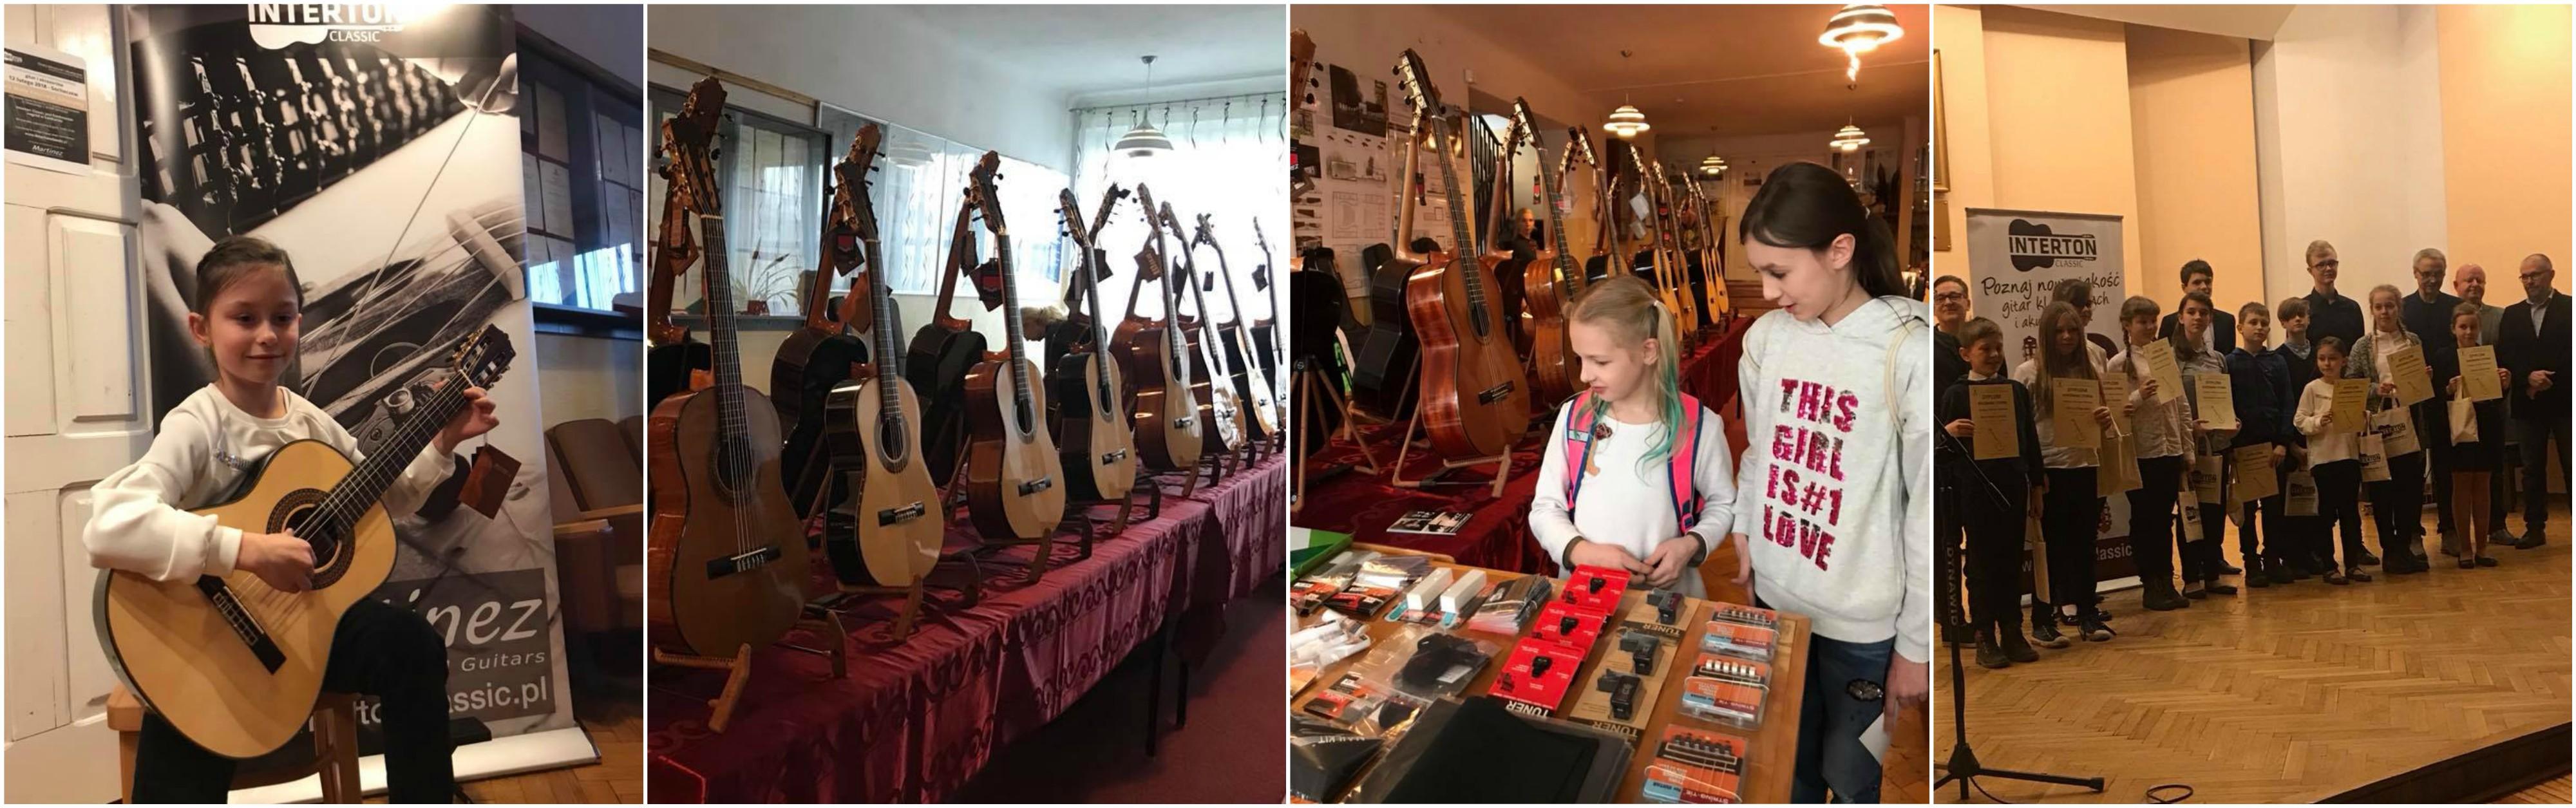 Sochaczew Wystawa Gitary Klasyczne